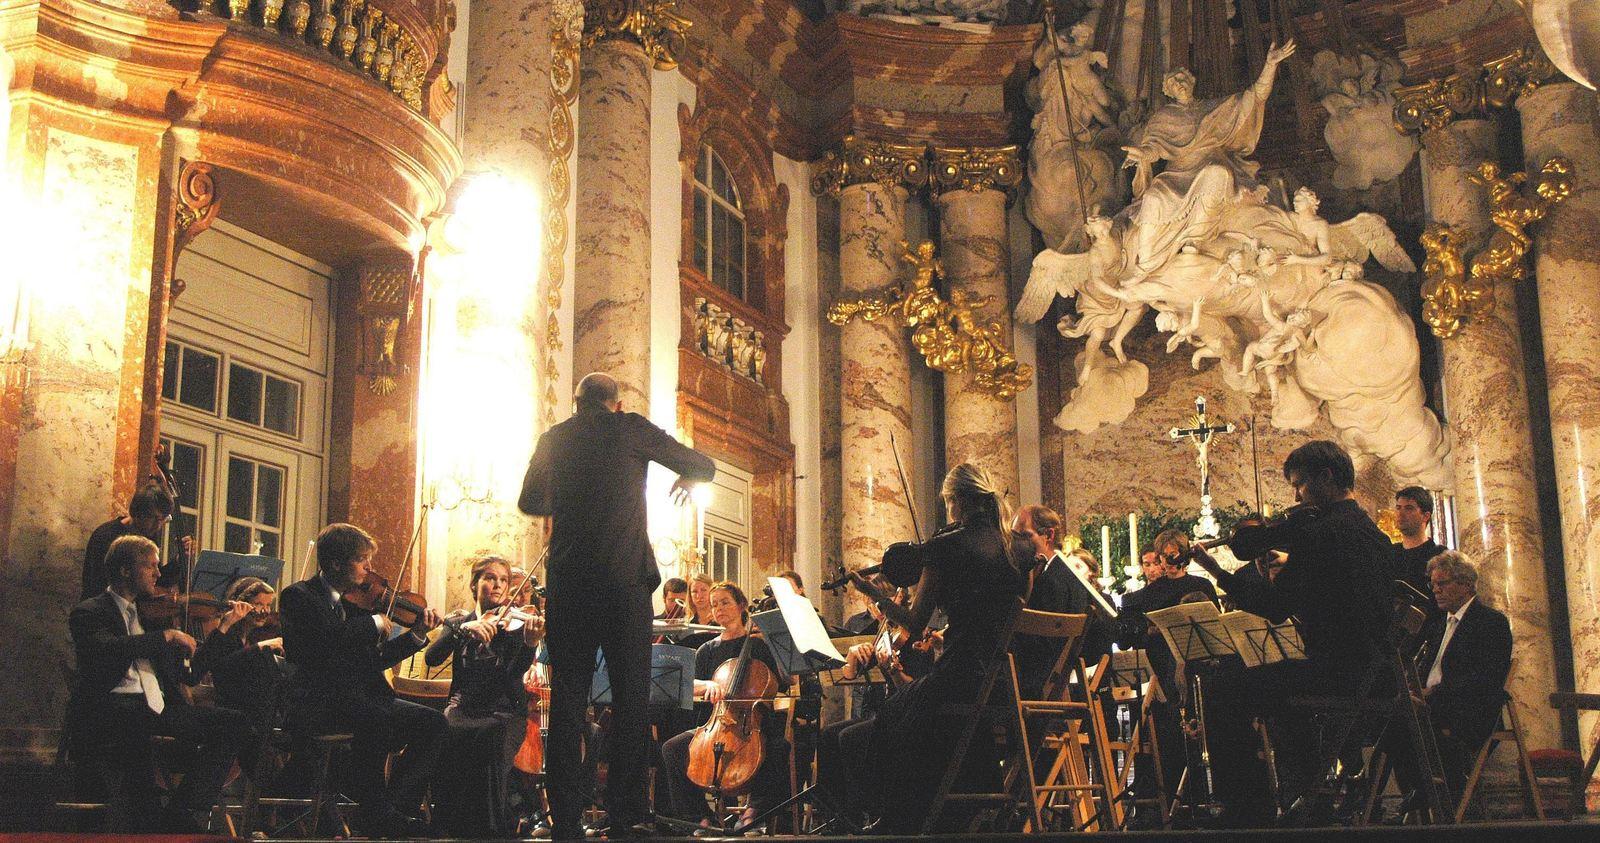 80400 المسافرون العرب كنيسة القديس تشارلز في مدينة فيينا